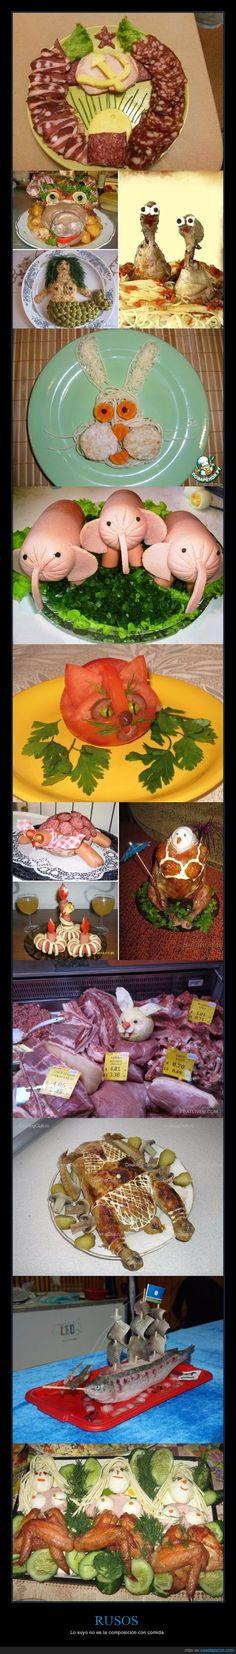 Composiciones de comida rusa, lo mejor para empezar una dieta - Lo suyo no es la composición con comida   Gracias a http://www.cuantarazon.com/   Si quieres leer la noticia completa visita: http://www.estoy-aburrido.com/composiciones-de-comida-rusa-lo-mejor-para-empezar-una-dieta-lo-suyo-no-es-la-composicion-con-comida/